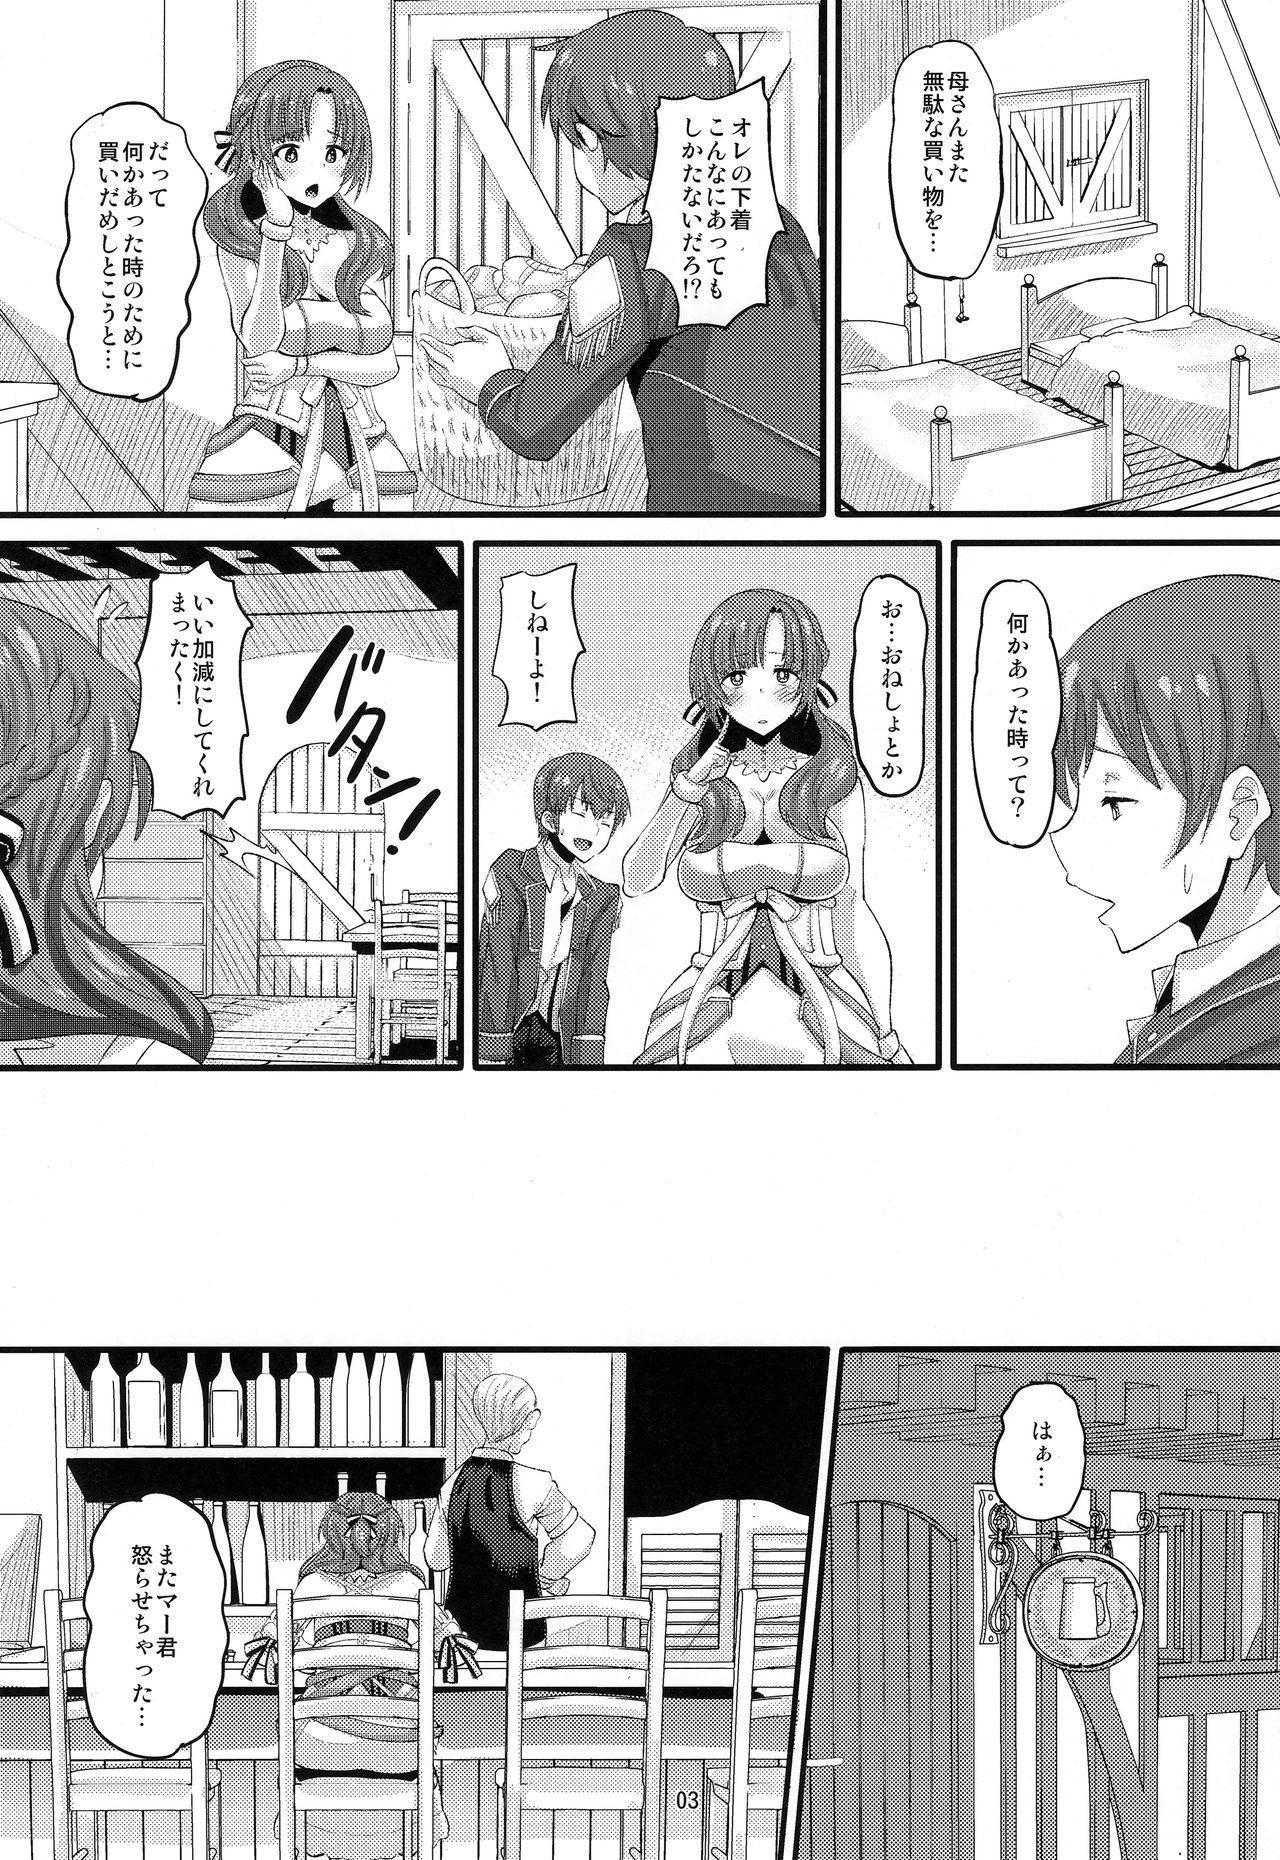 Musuko to Onaji Toshigoro no Otoko ni Otosareru Okaa-san wa Suki desu ka? 1